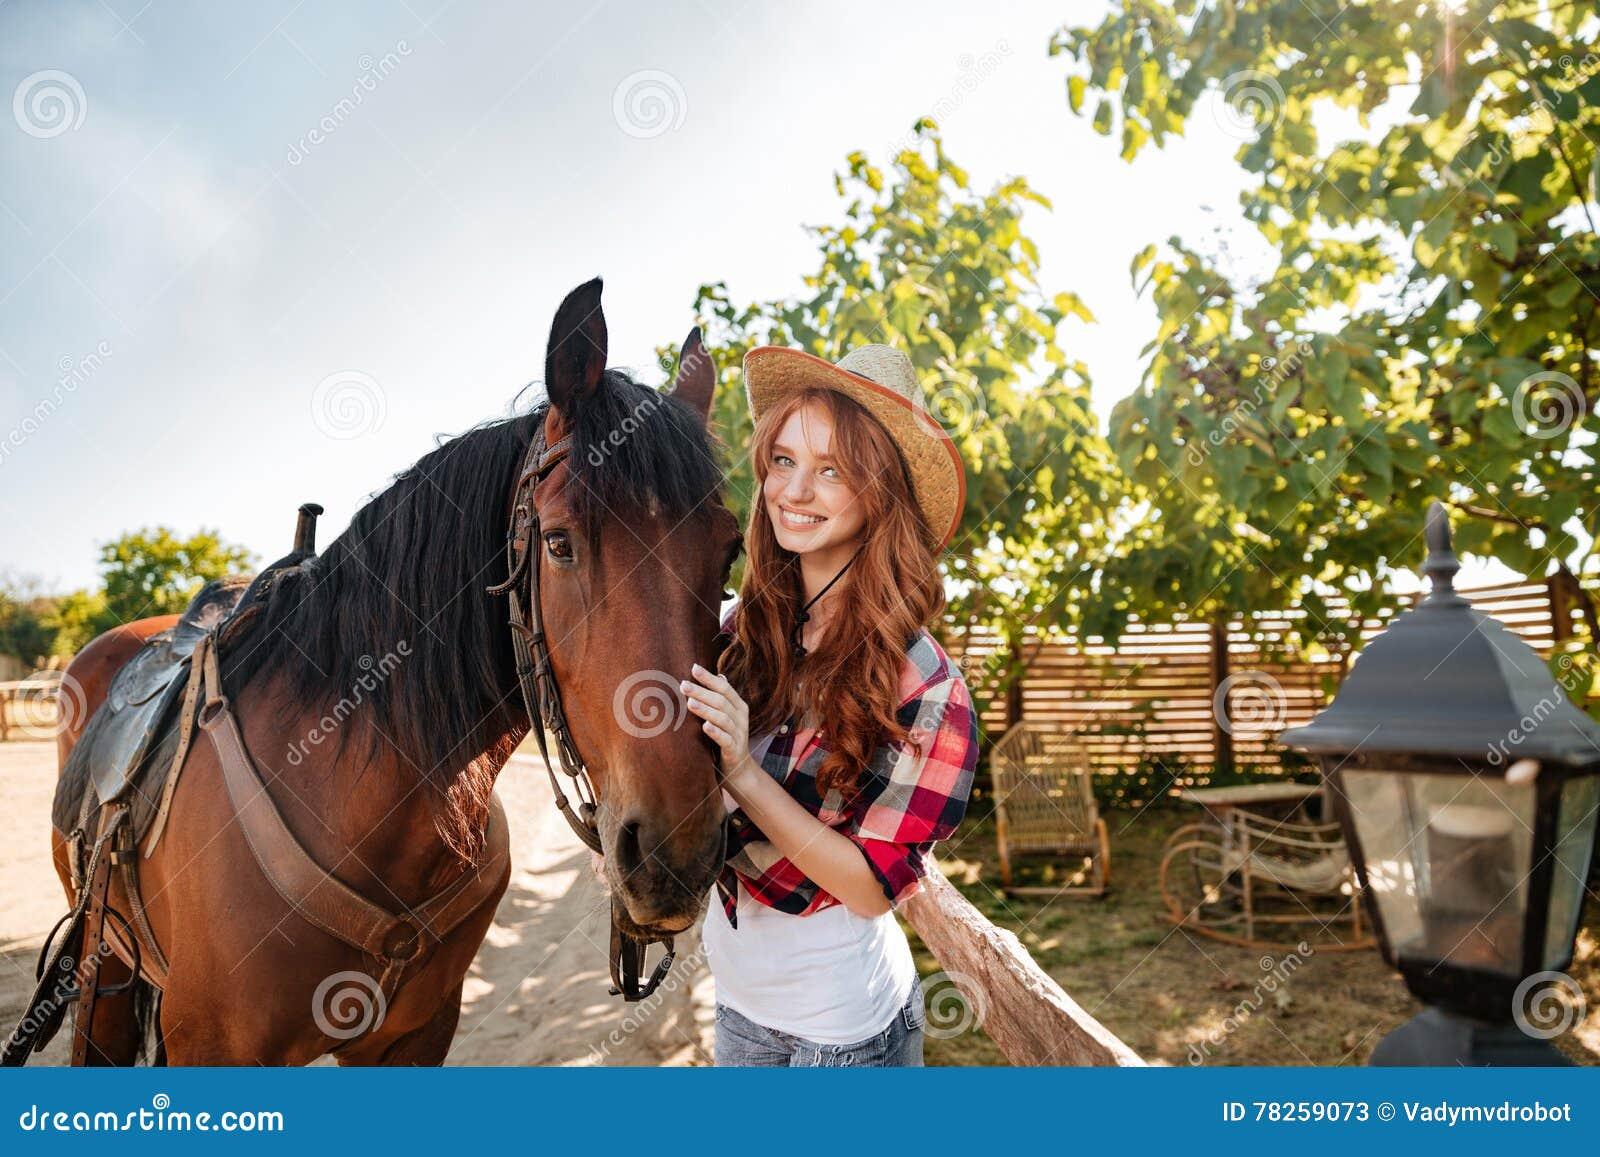 Εύθυμη γυναίκα cowgirl που στέκεται με το άλογό της στο χωριό